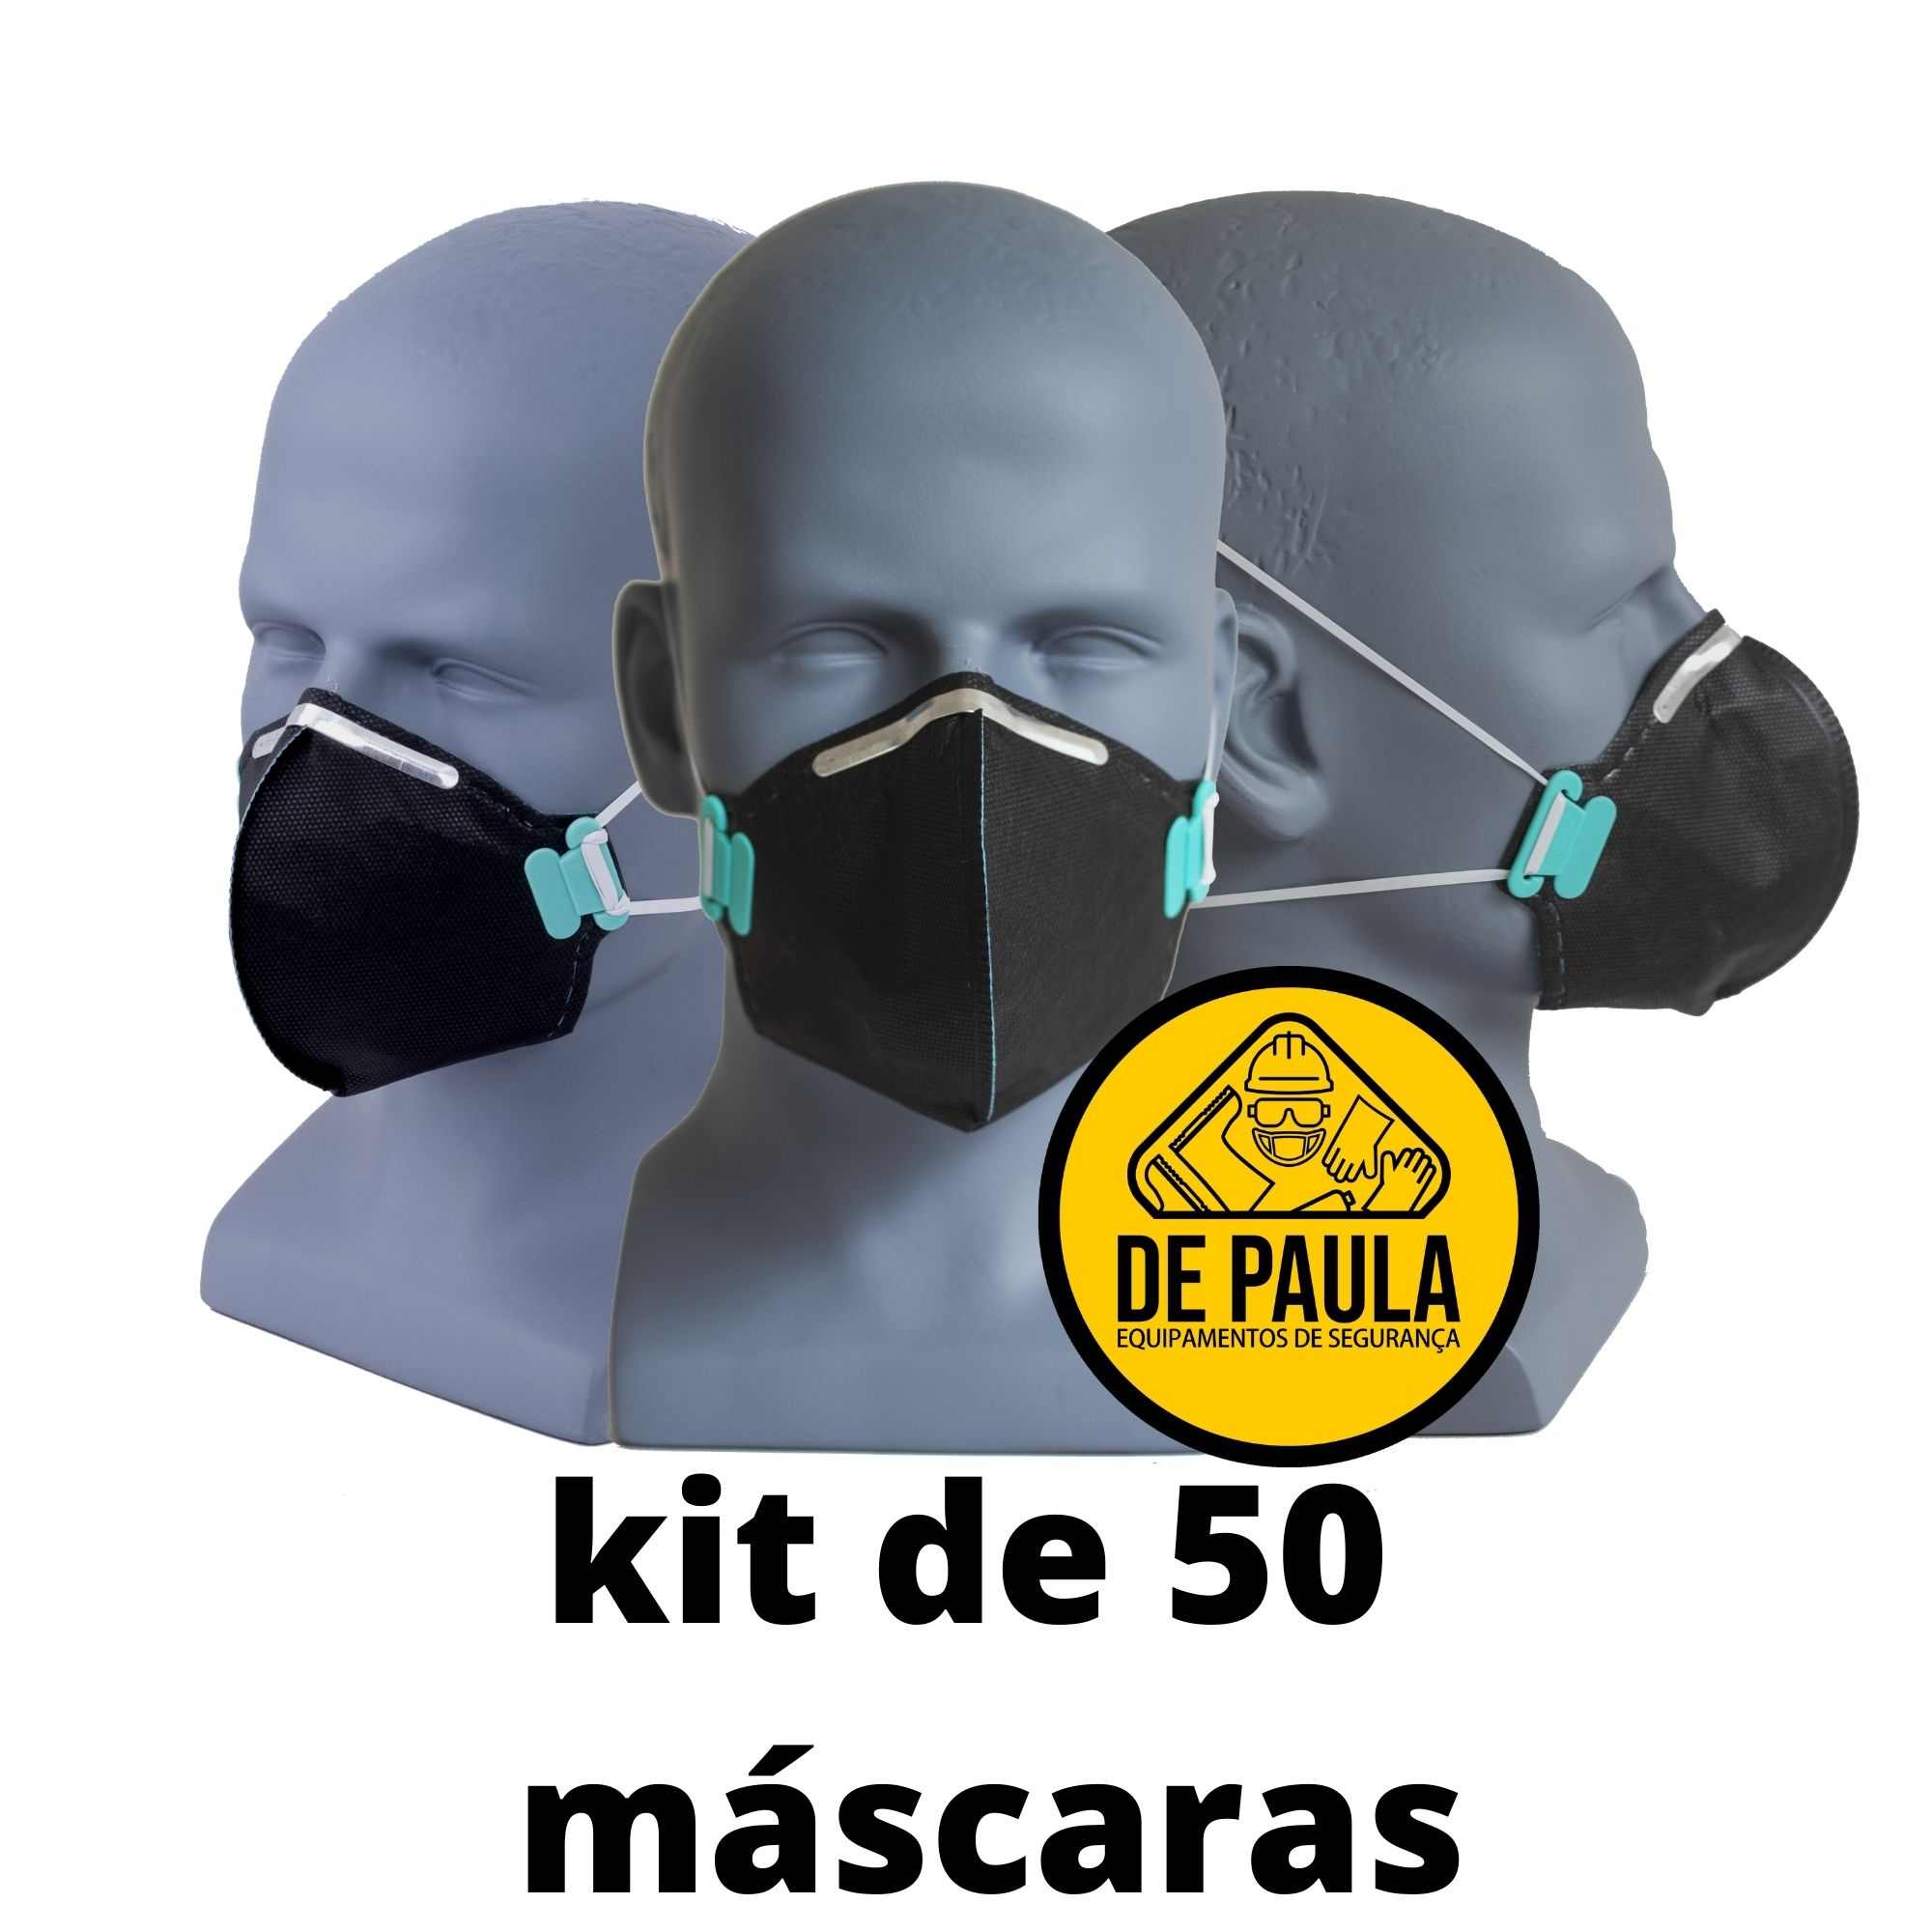 KIT DE 50 UN RESPIRADOR DESCARTÁVEL PFF2 ODOR ORGANICO CARVÃO ATIVADO - PRETA LUBEKA  - DE PAULA EPI